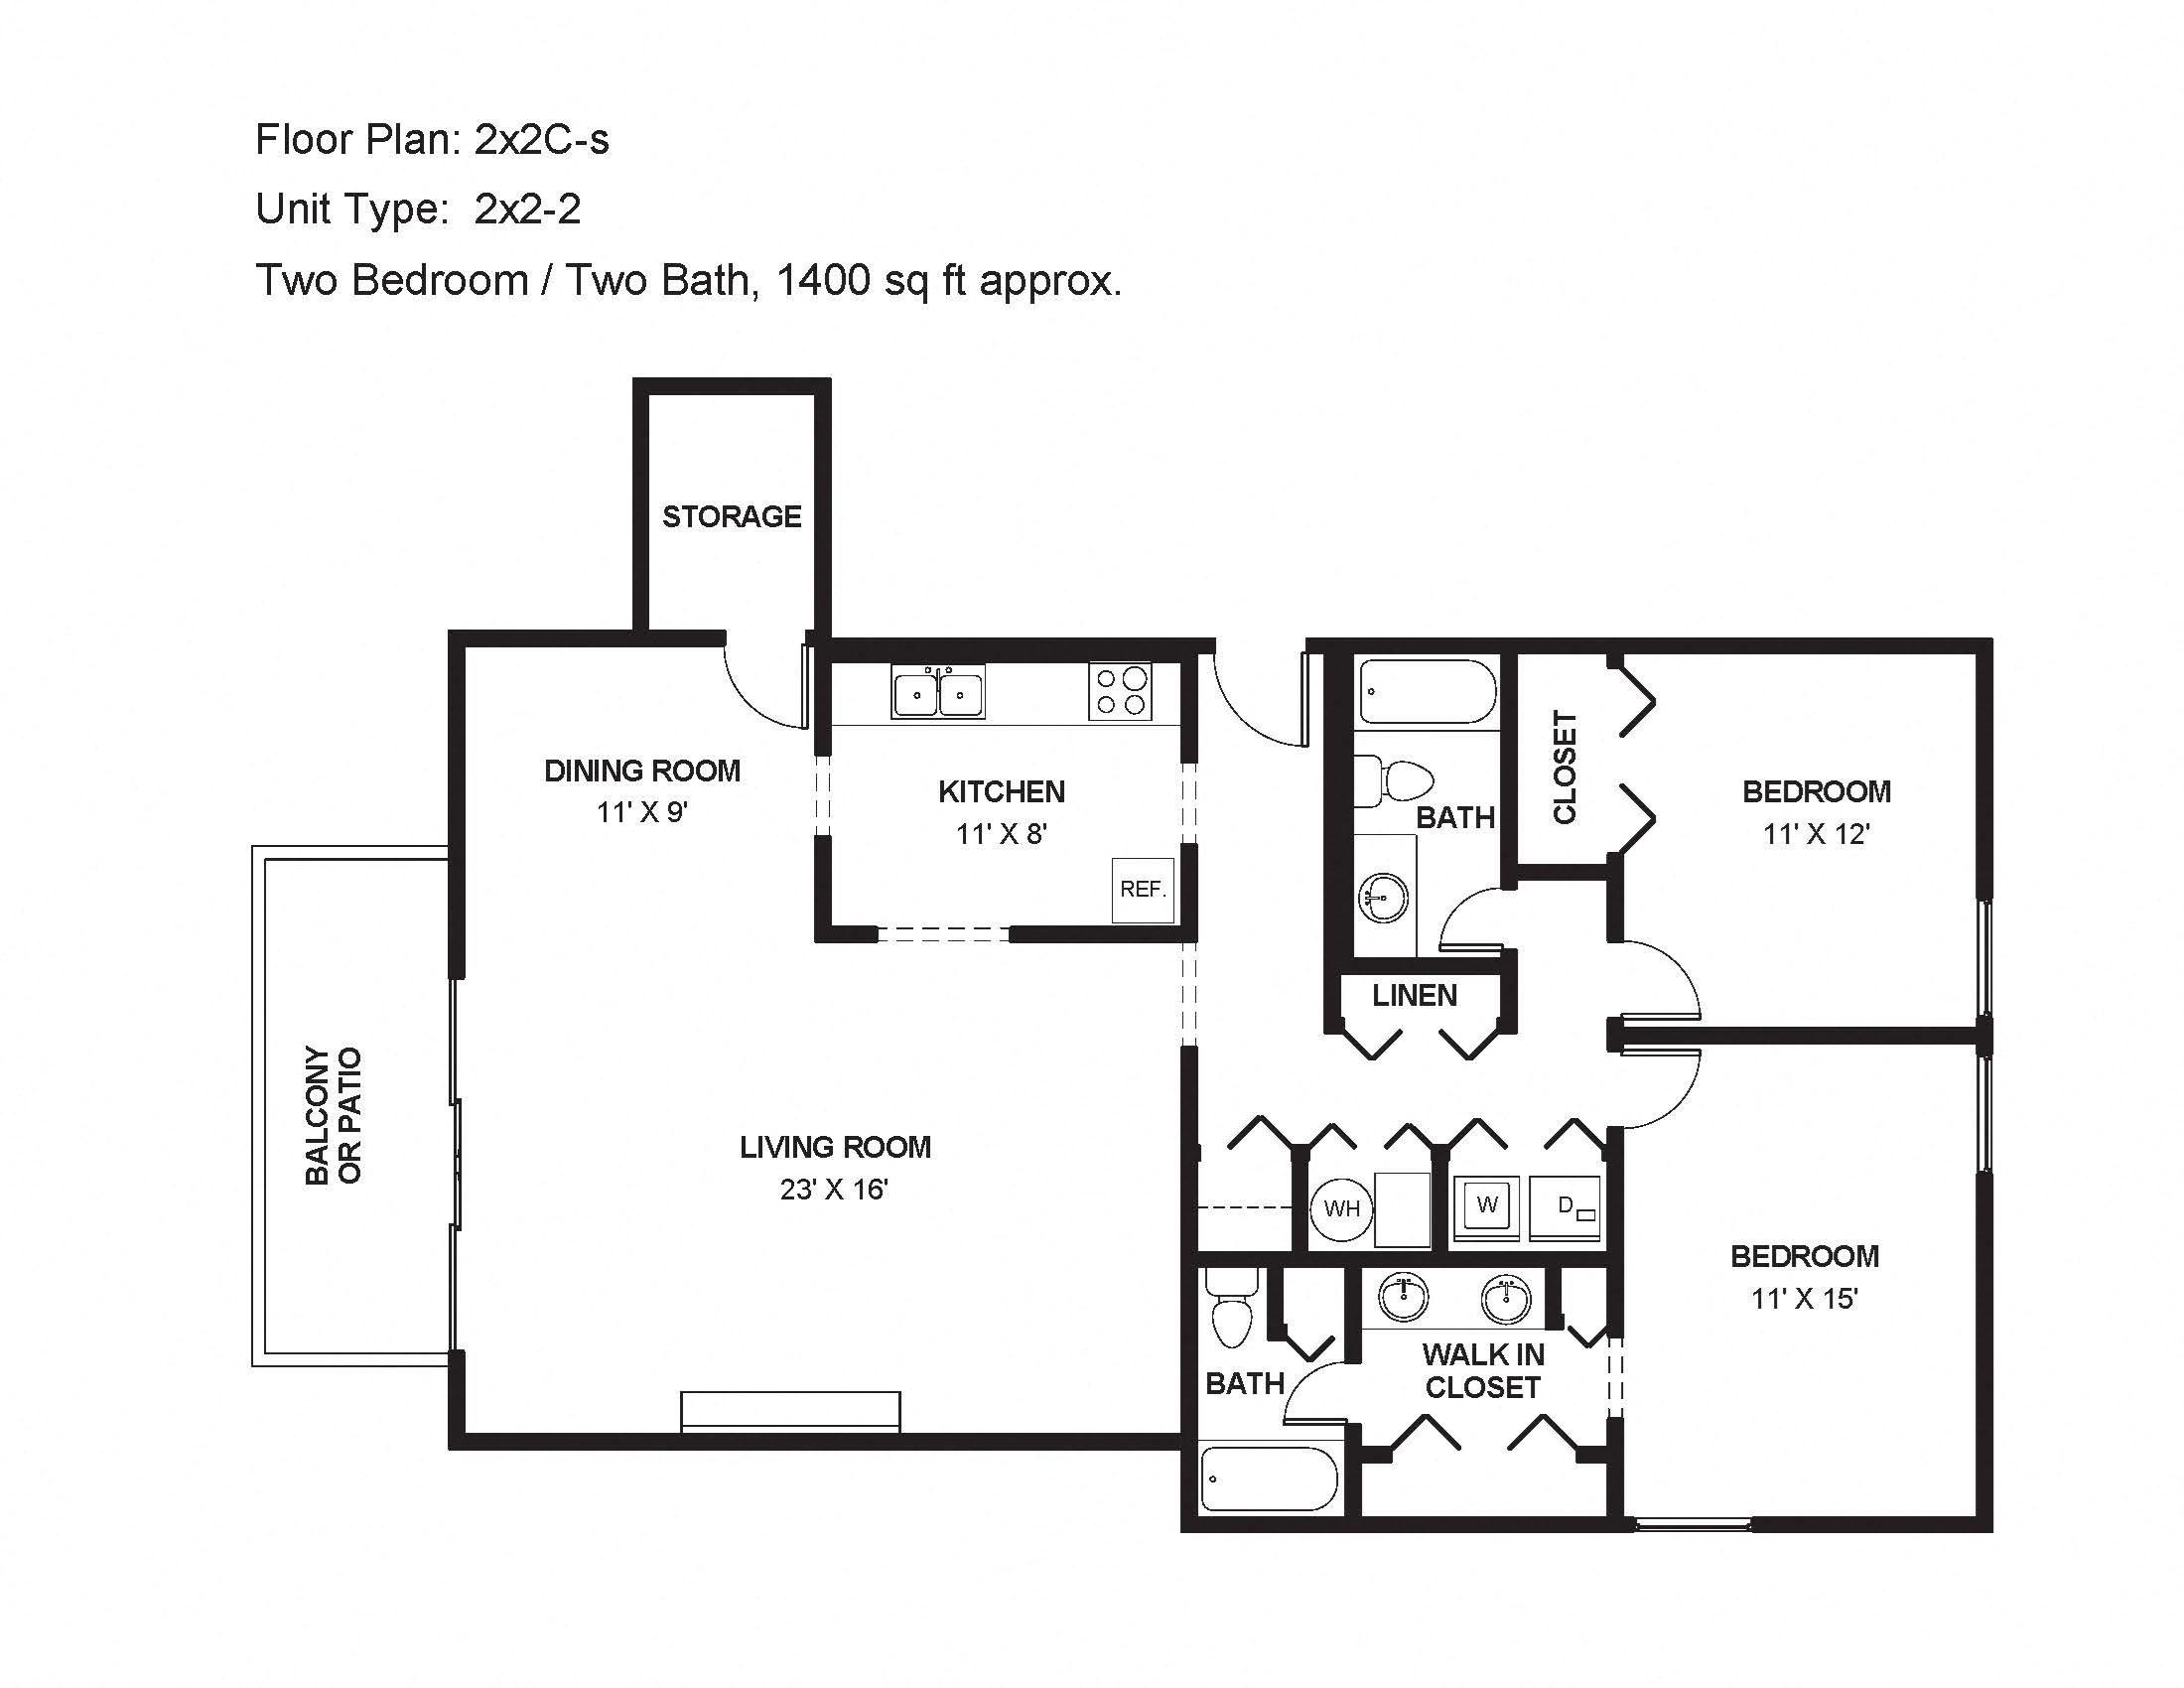 2x2C-s Floor Plan 8